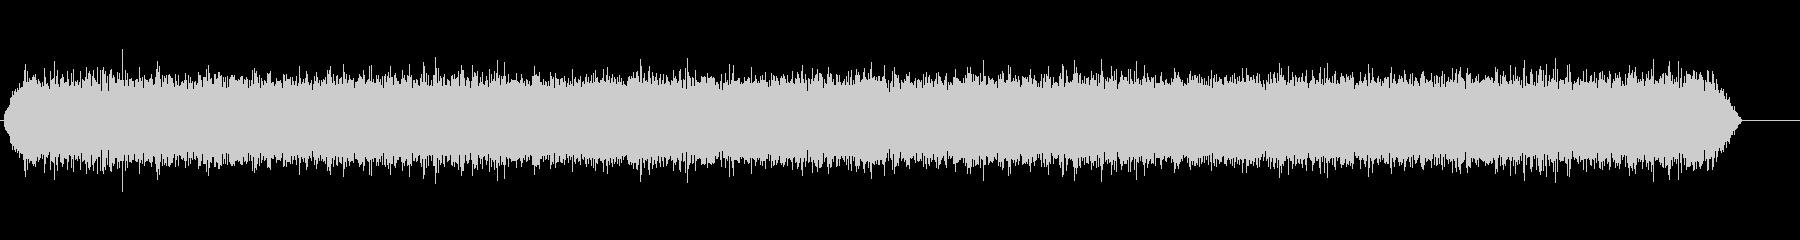 ウォーターミル-古い-水平ホイール...の未再生の波形